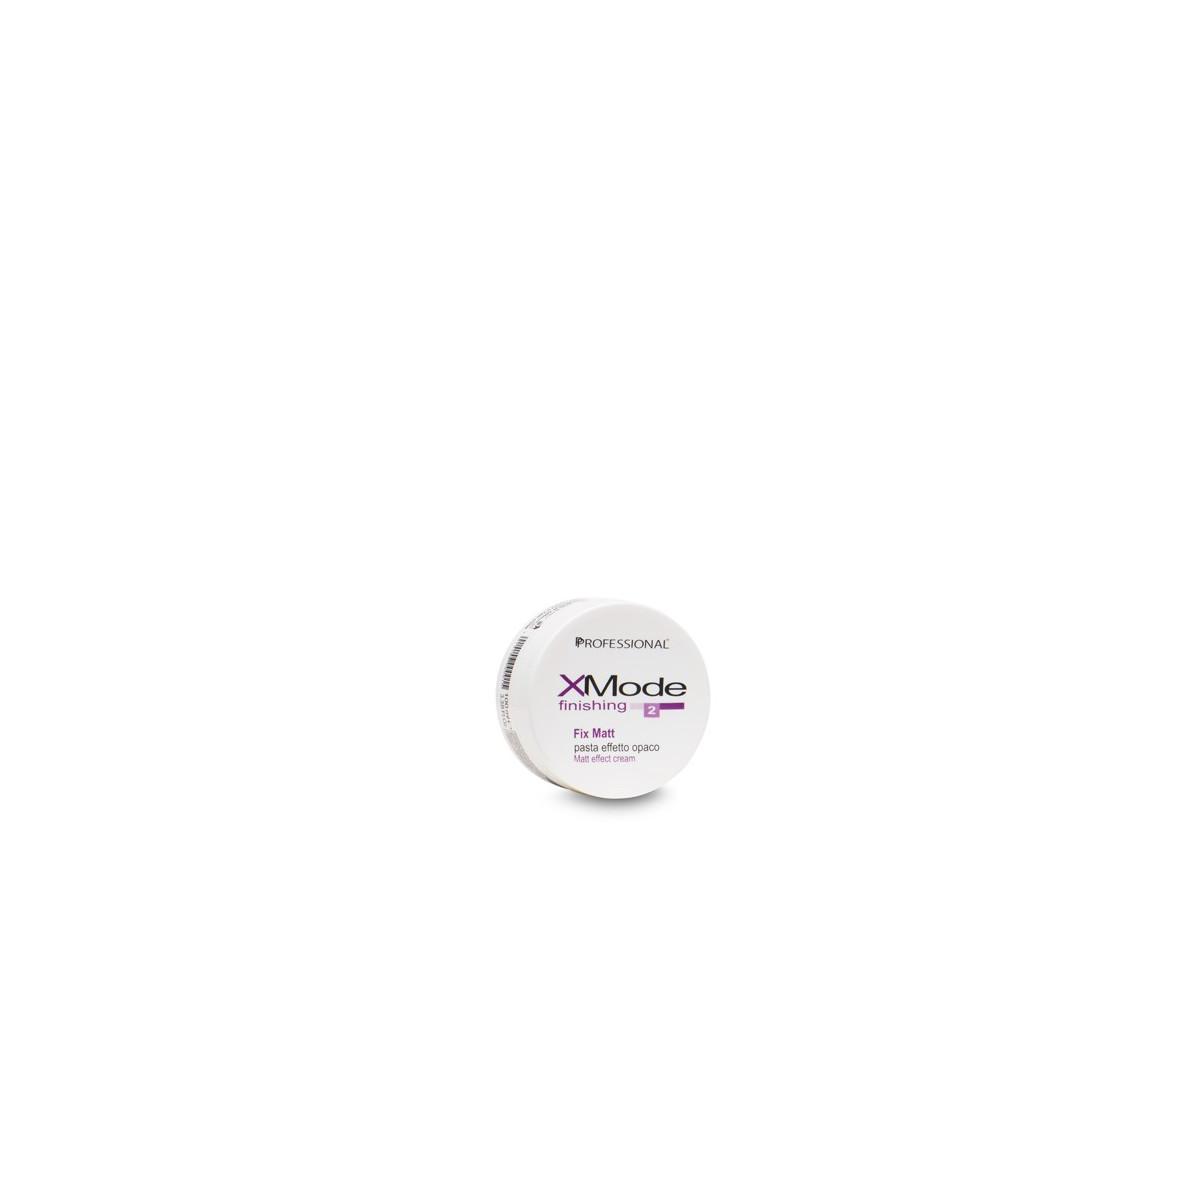 Crème effet opaque pour cheveux XMode ComProf